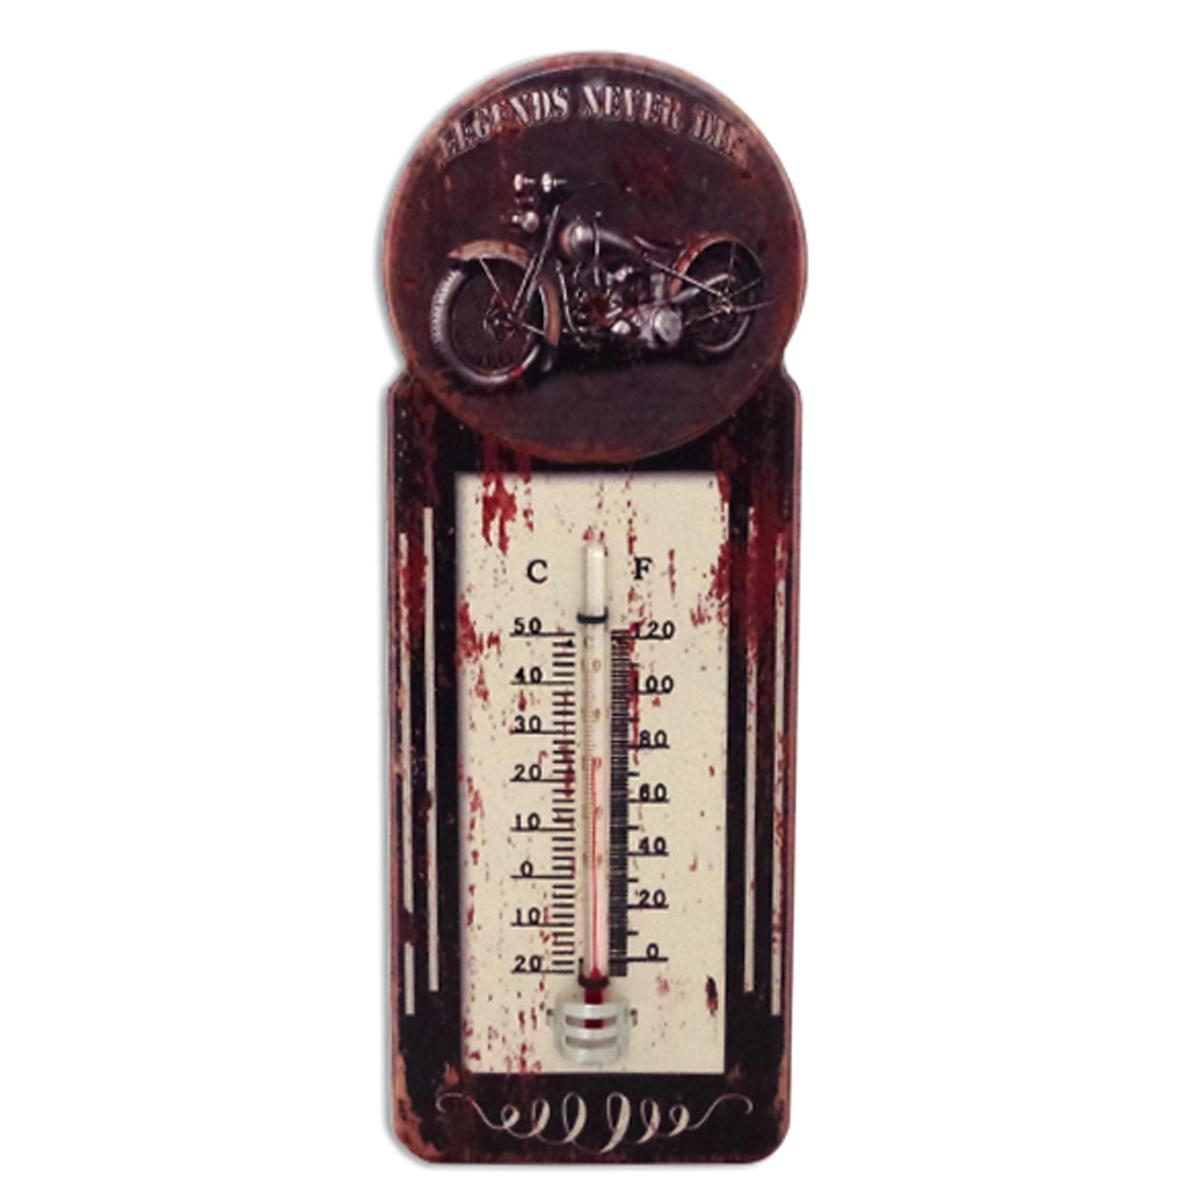 Thermomètre métal vintage \'Legends never die\' marron - 29x10 cm - [A1133]